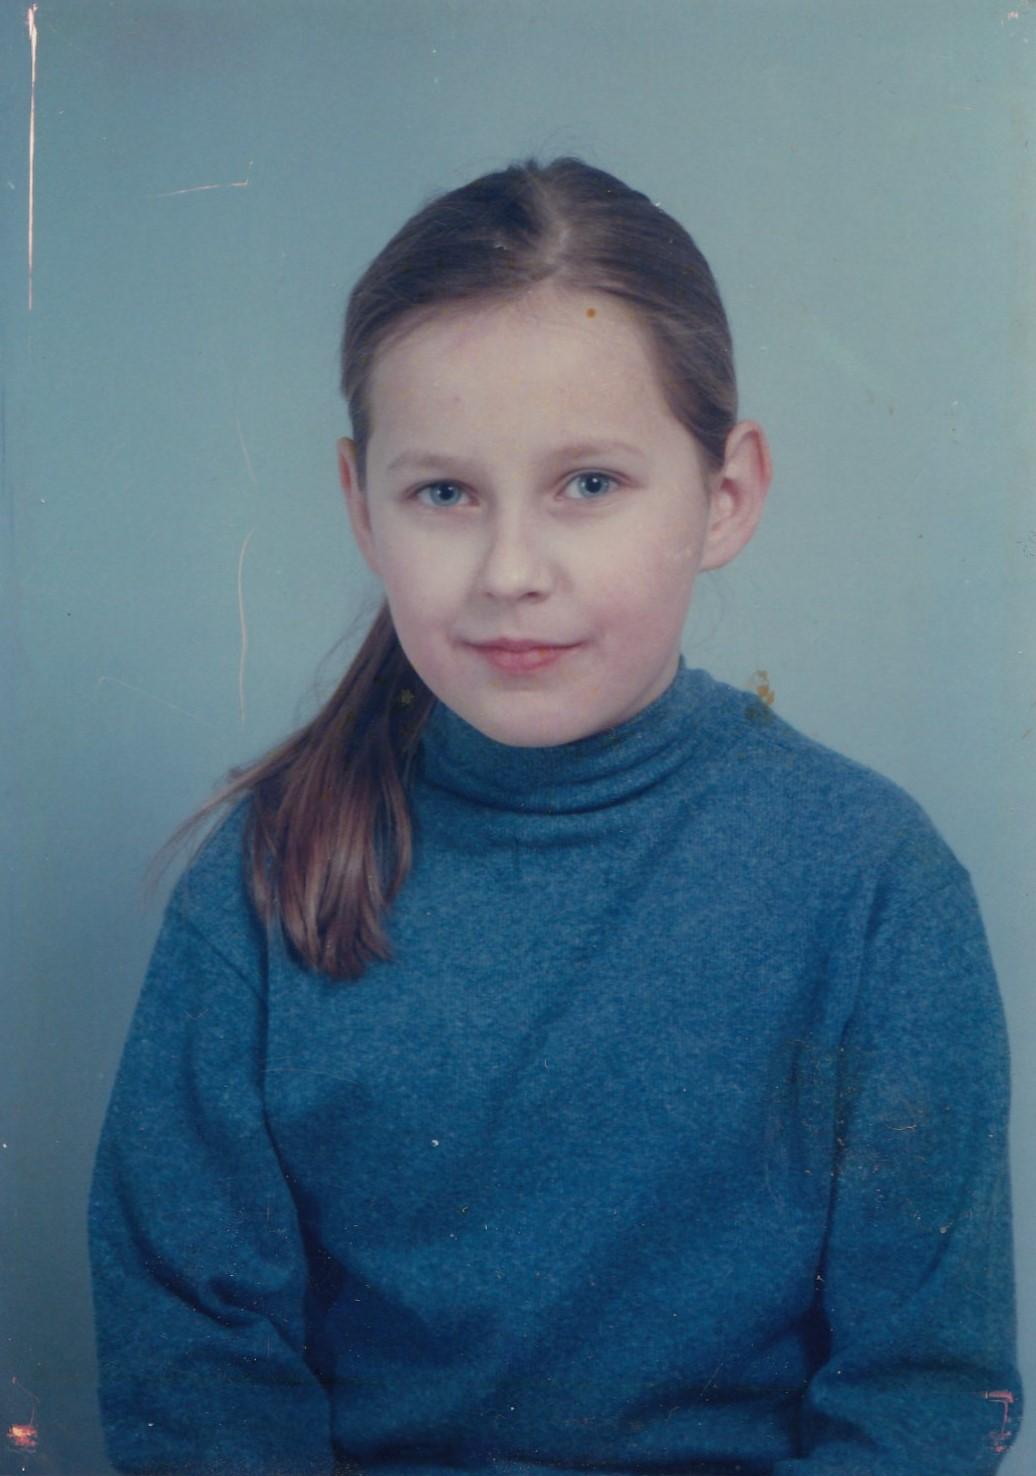 Zdjęcie dolegitymacji szkolnej, 2001